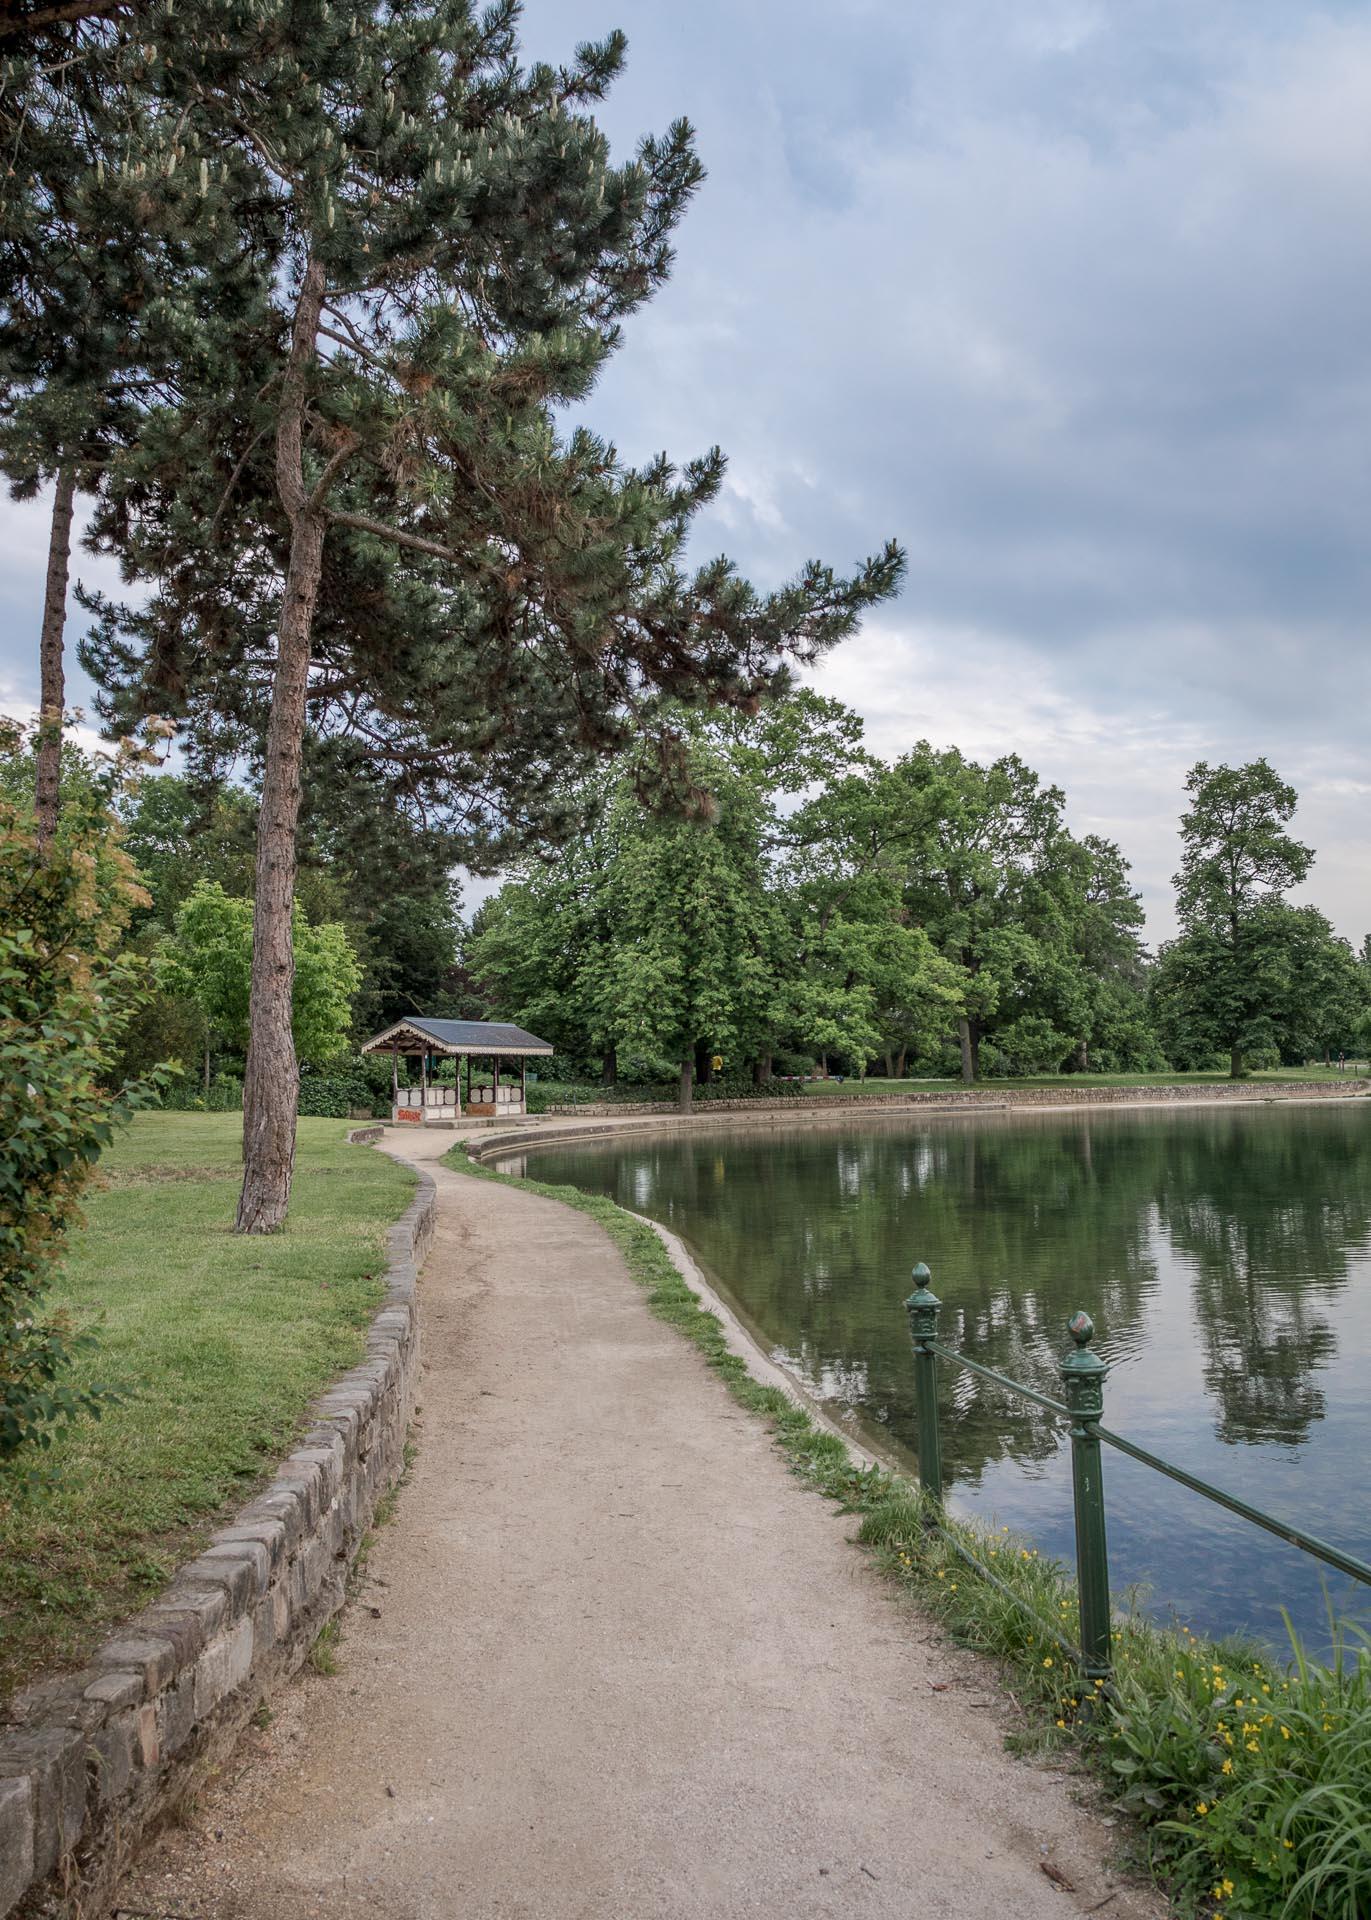 Paris Reisetipps: Bois de Boulogne